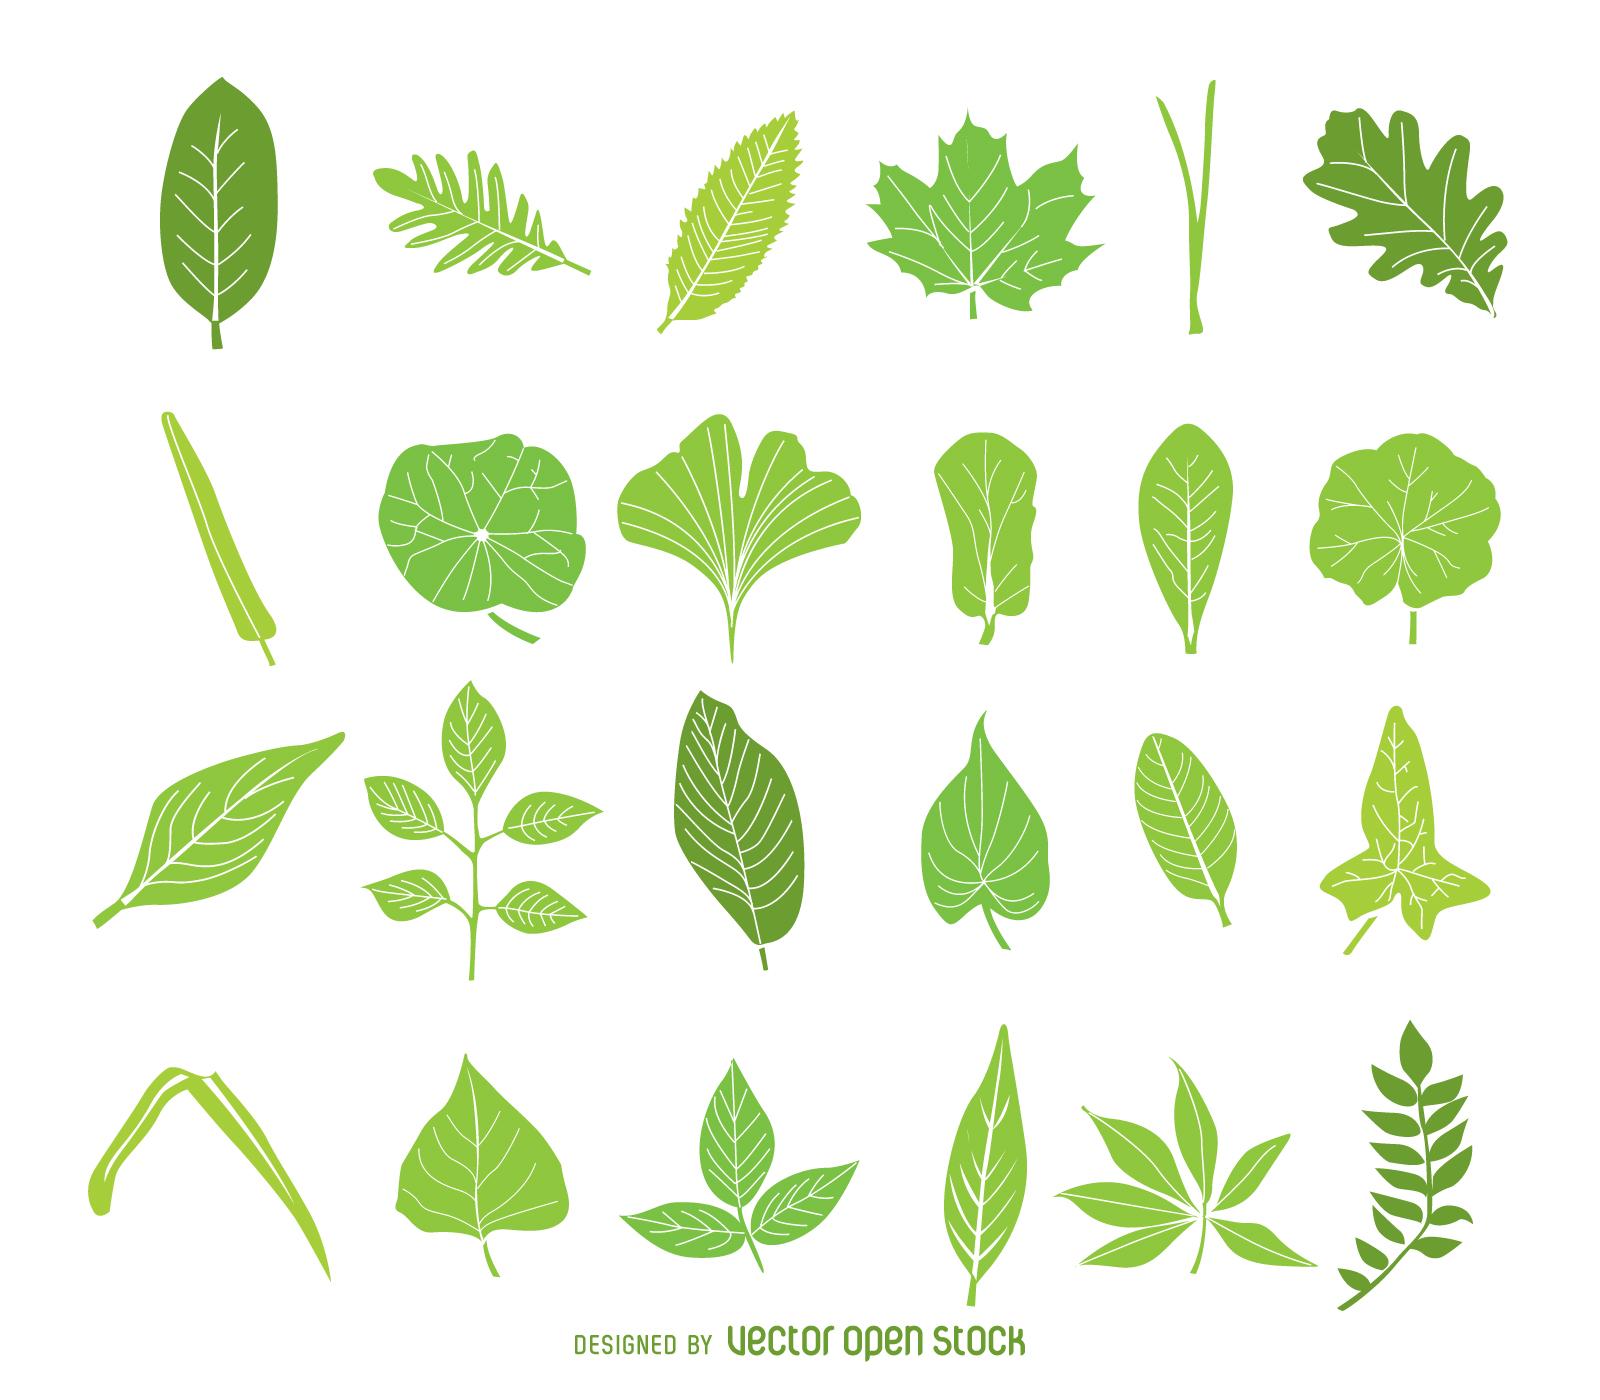 Paquete aislado de icono de hojas verdes